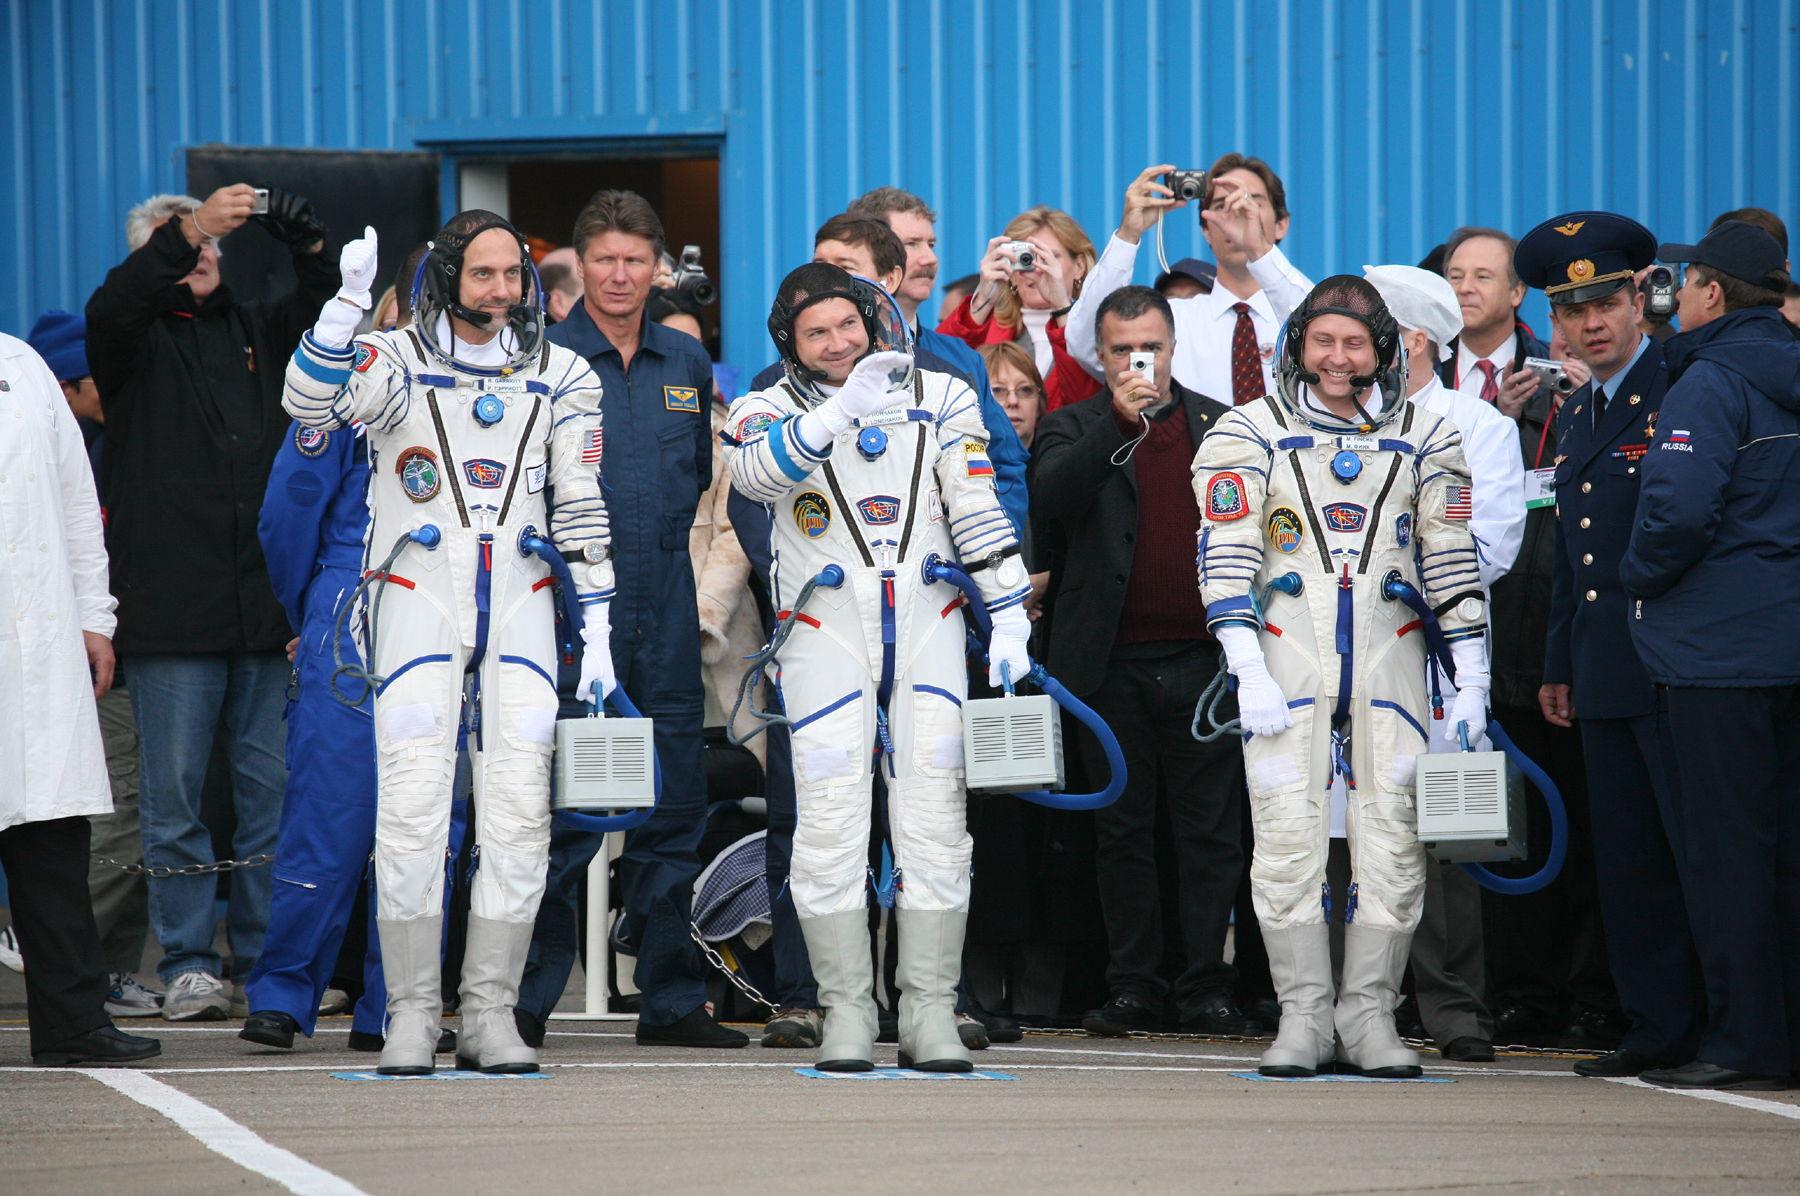 Richard Garriott and Fellow Astronauts